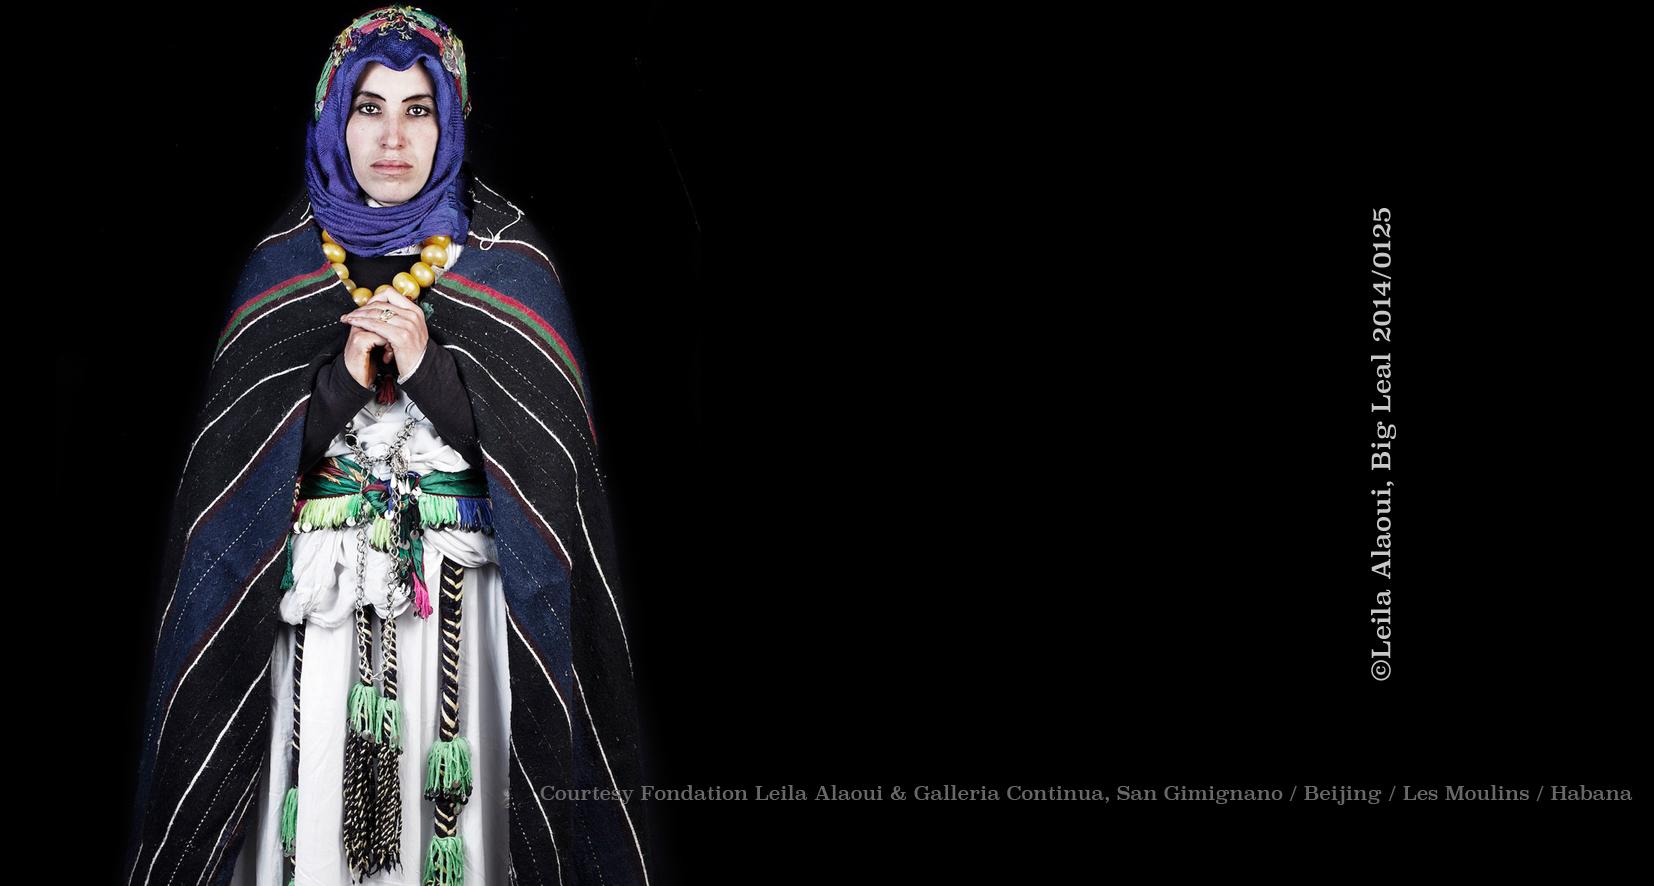 Leyla-Aloui-06.jpg